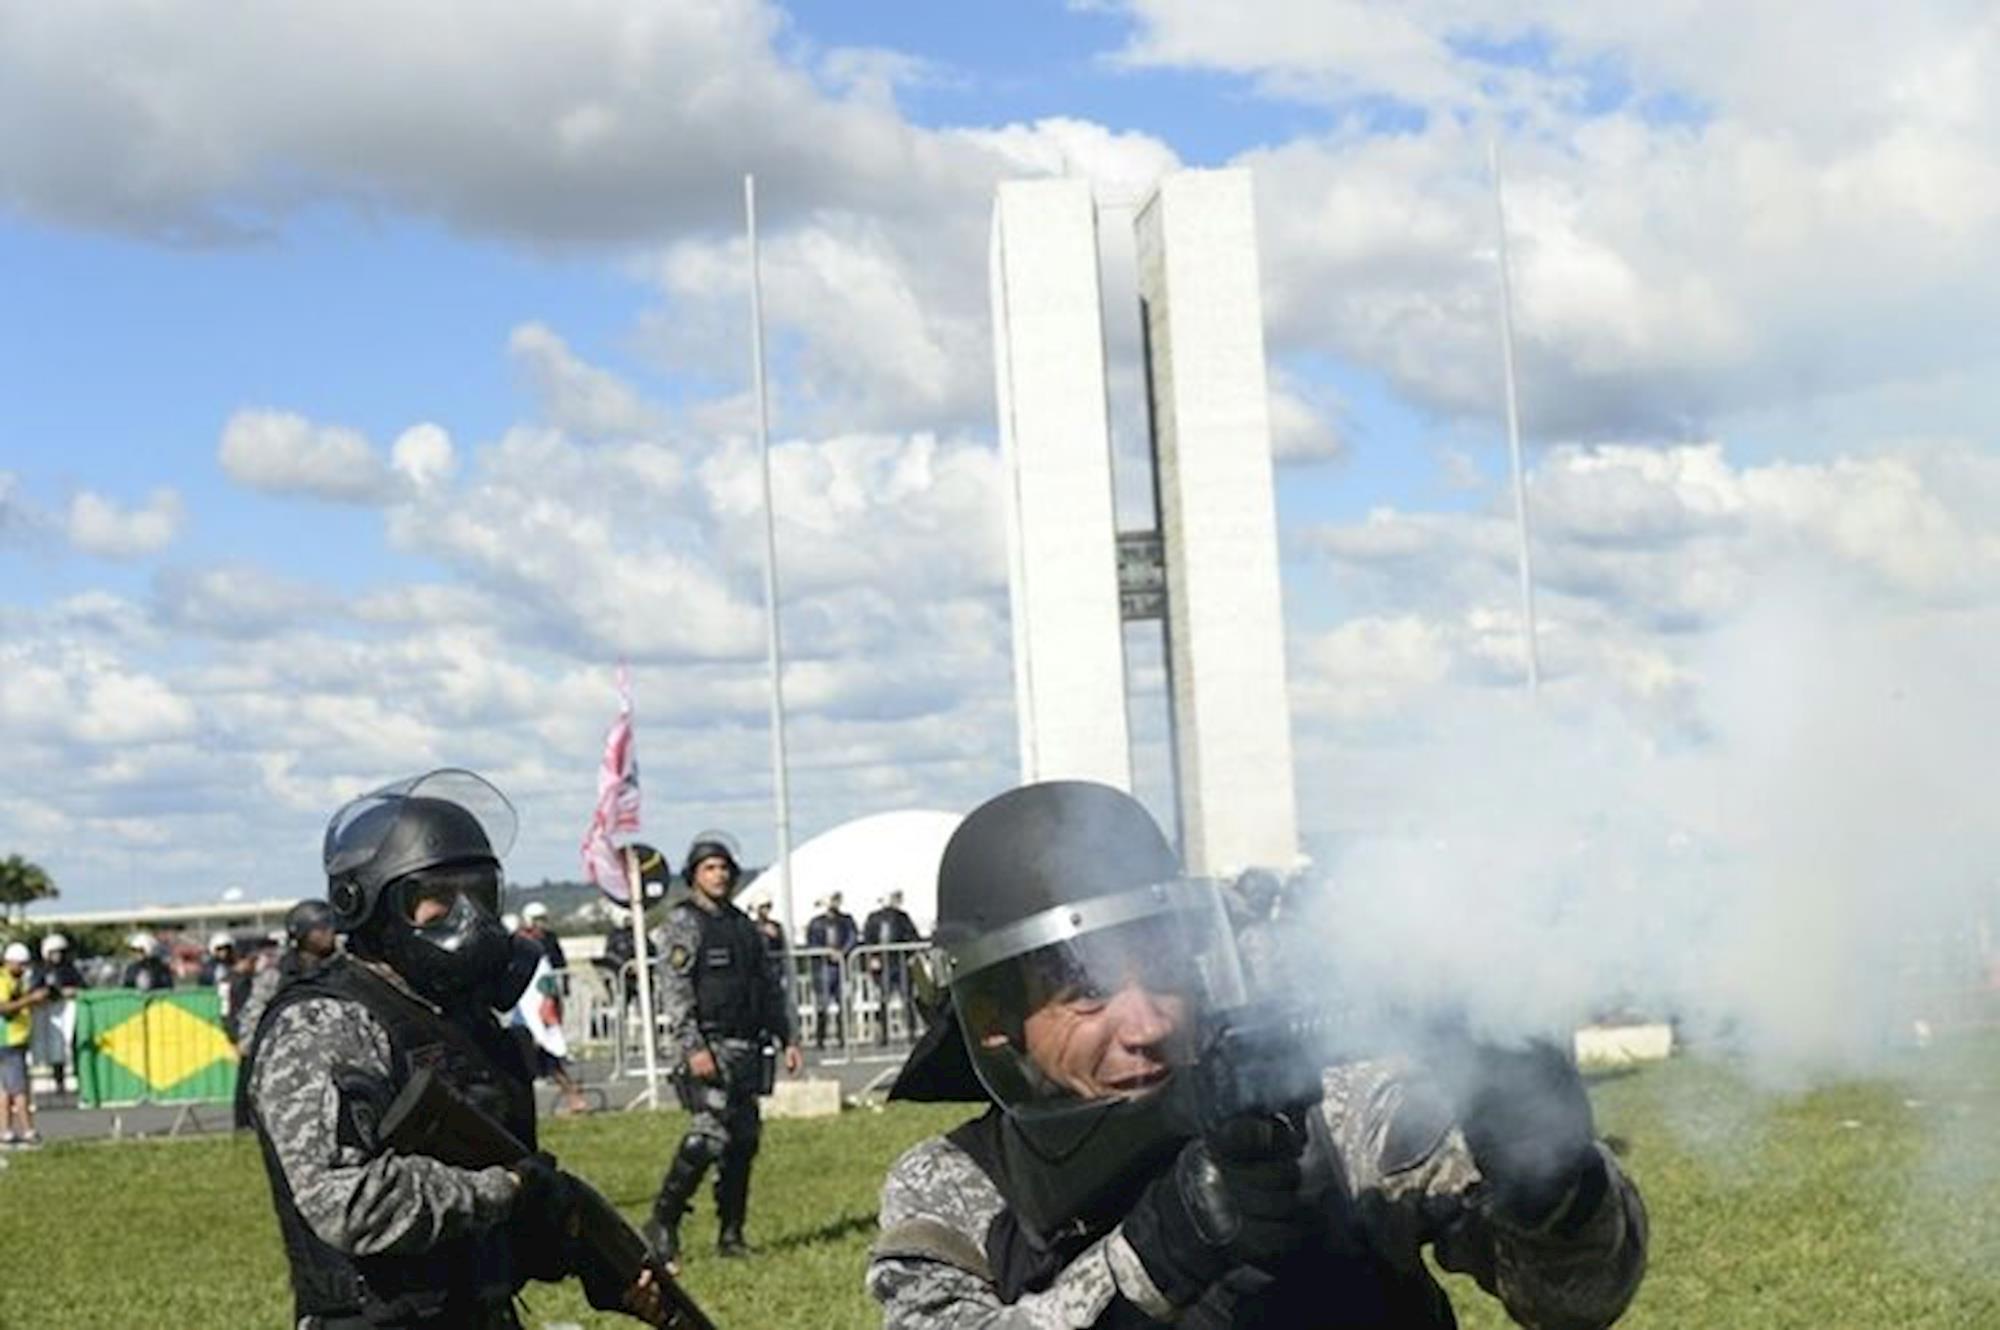 fora temer, temer, brasilia, repressao, reformas, ocupa brasilia, ocupa, Ed Alves/CB/D.A Press